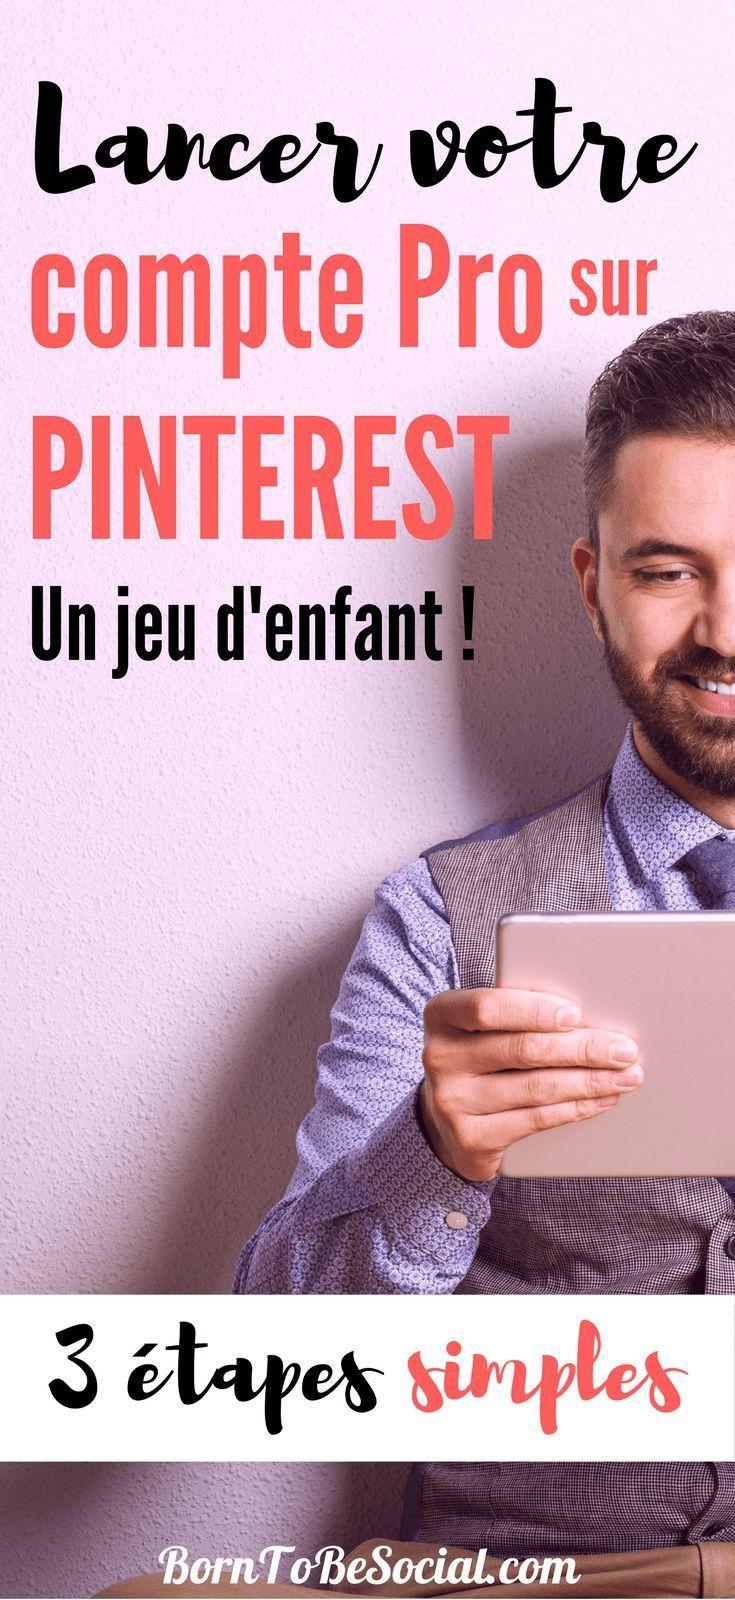 Comment créer un compte Pro sur Pinterest en 3 étapes